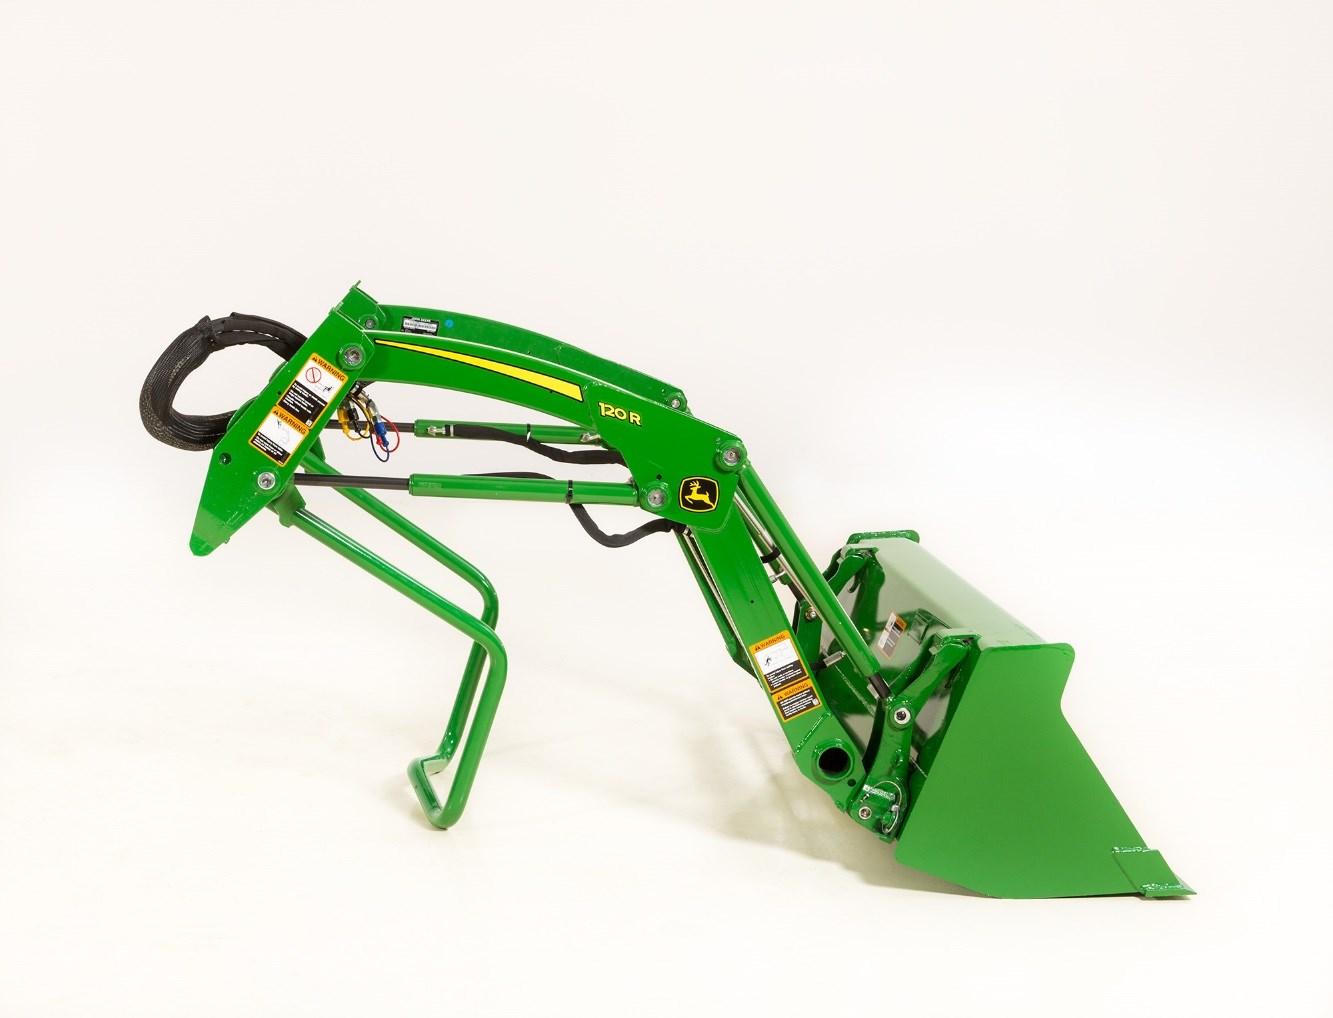 Row-crop tractors | 8345r | john deere us.